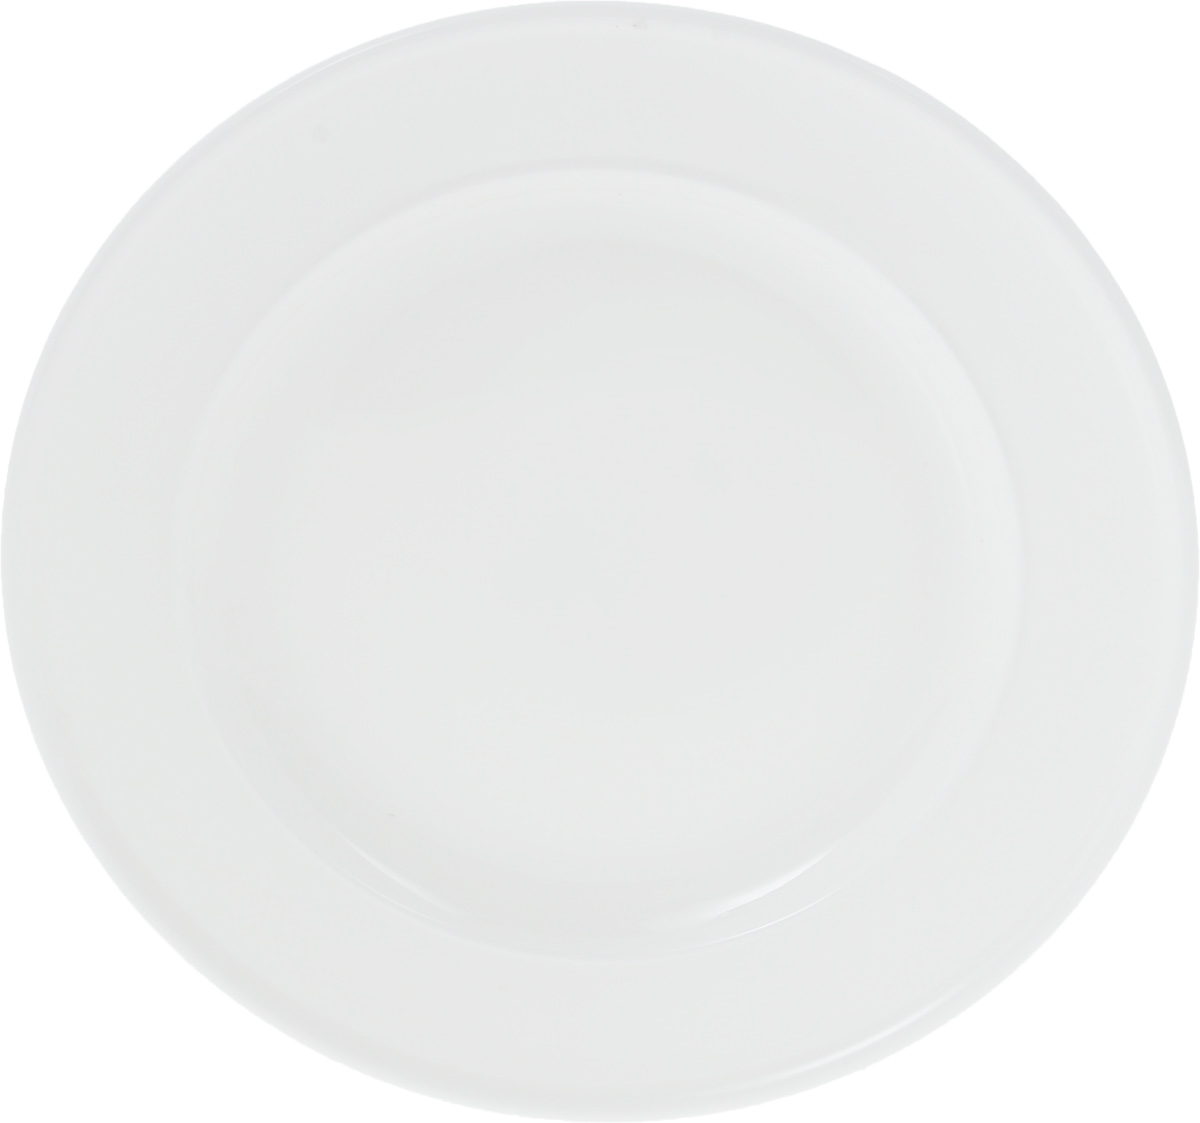 Тарелка Wilmax, диаметр 18 см. WL-991239 / AWL-991239 / AТарелка Wilmax, изготовленная из высококачественного фарфора, имеет классическую круглую форму. Оригинальный дизайн придется по вкусу и ценителям классики, и тем, кто предпочитает утонченность и изысканность. Тарелка Wilmax идеально подойдет для сервировки стола и станет отличным подарком к любому празднику.